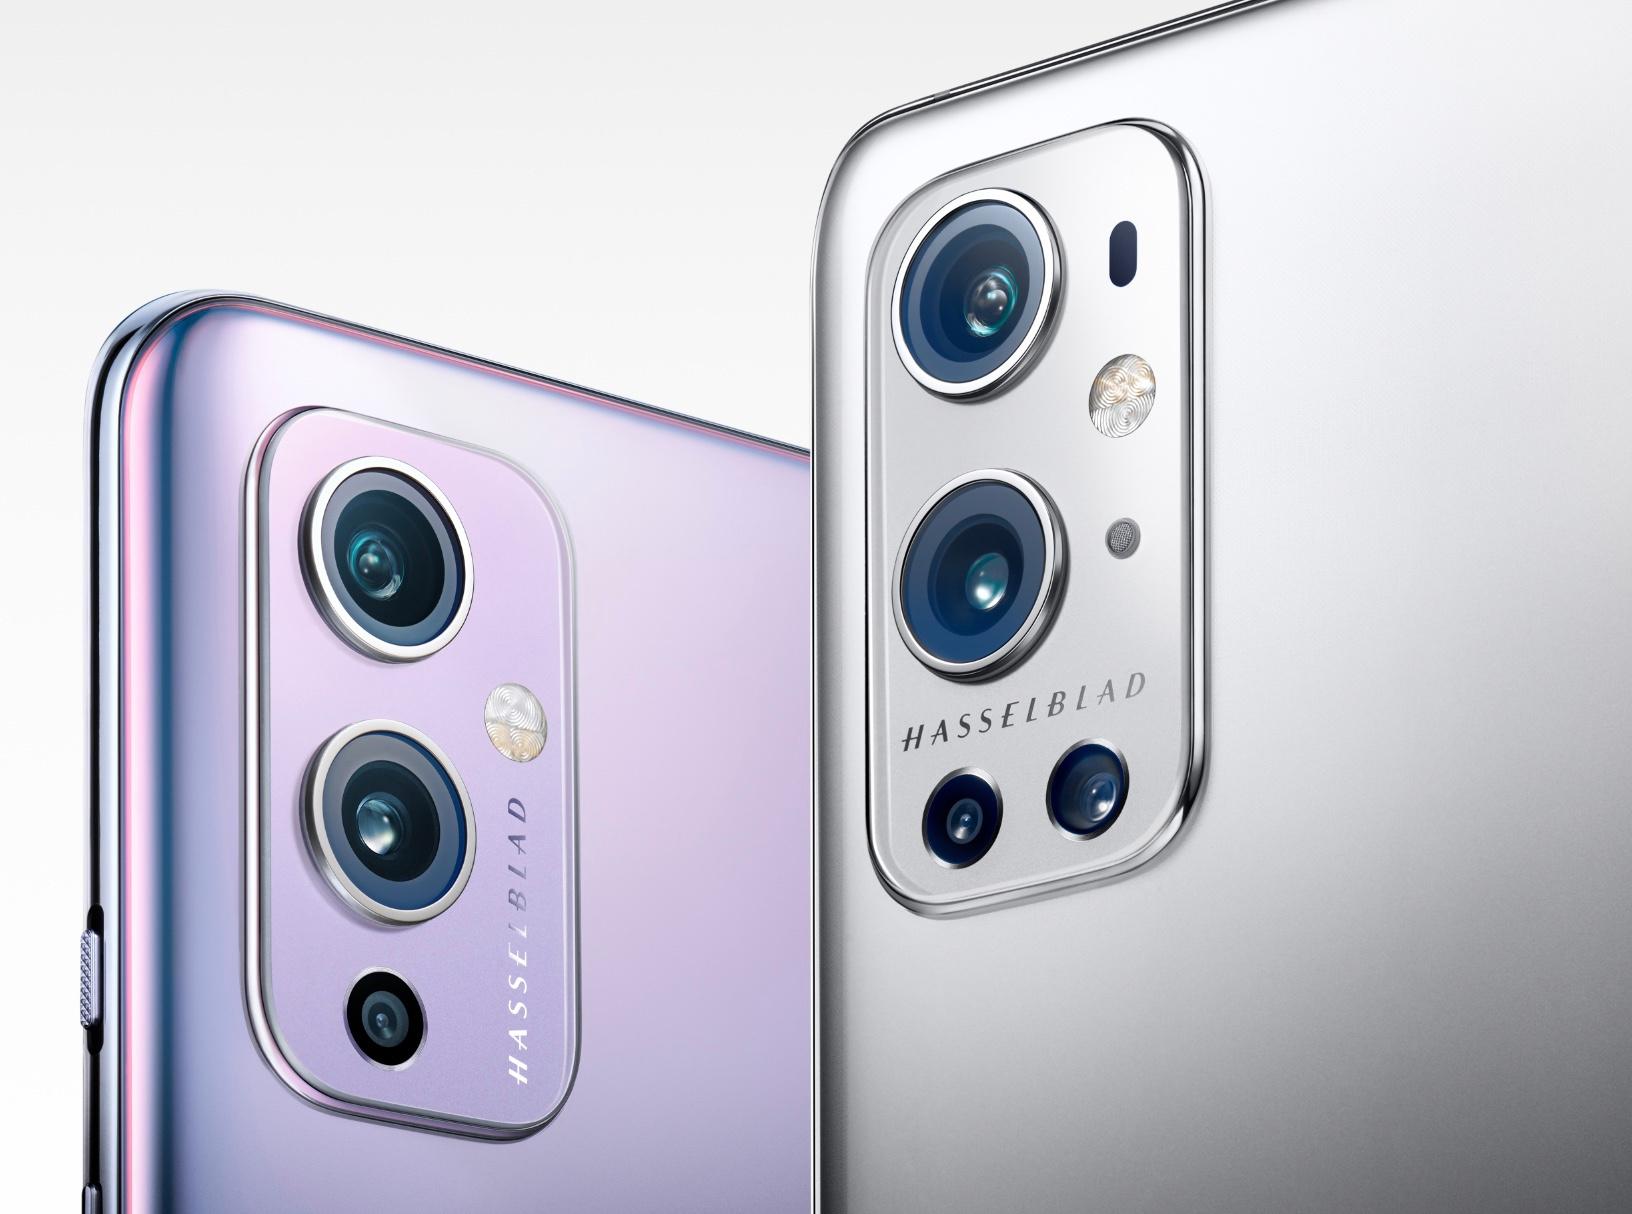 Links de Hasselblad-optiek van de OnePlus 9, rechts het camerasysteem van de Pro-versie., OnePlus